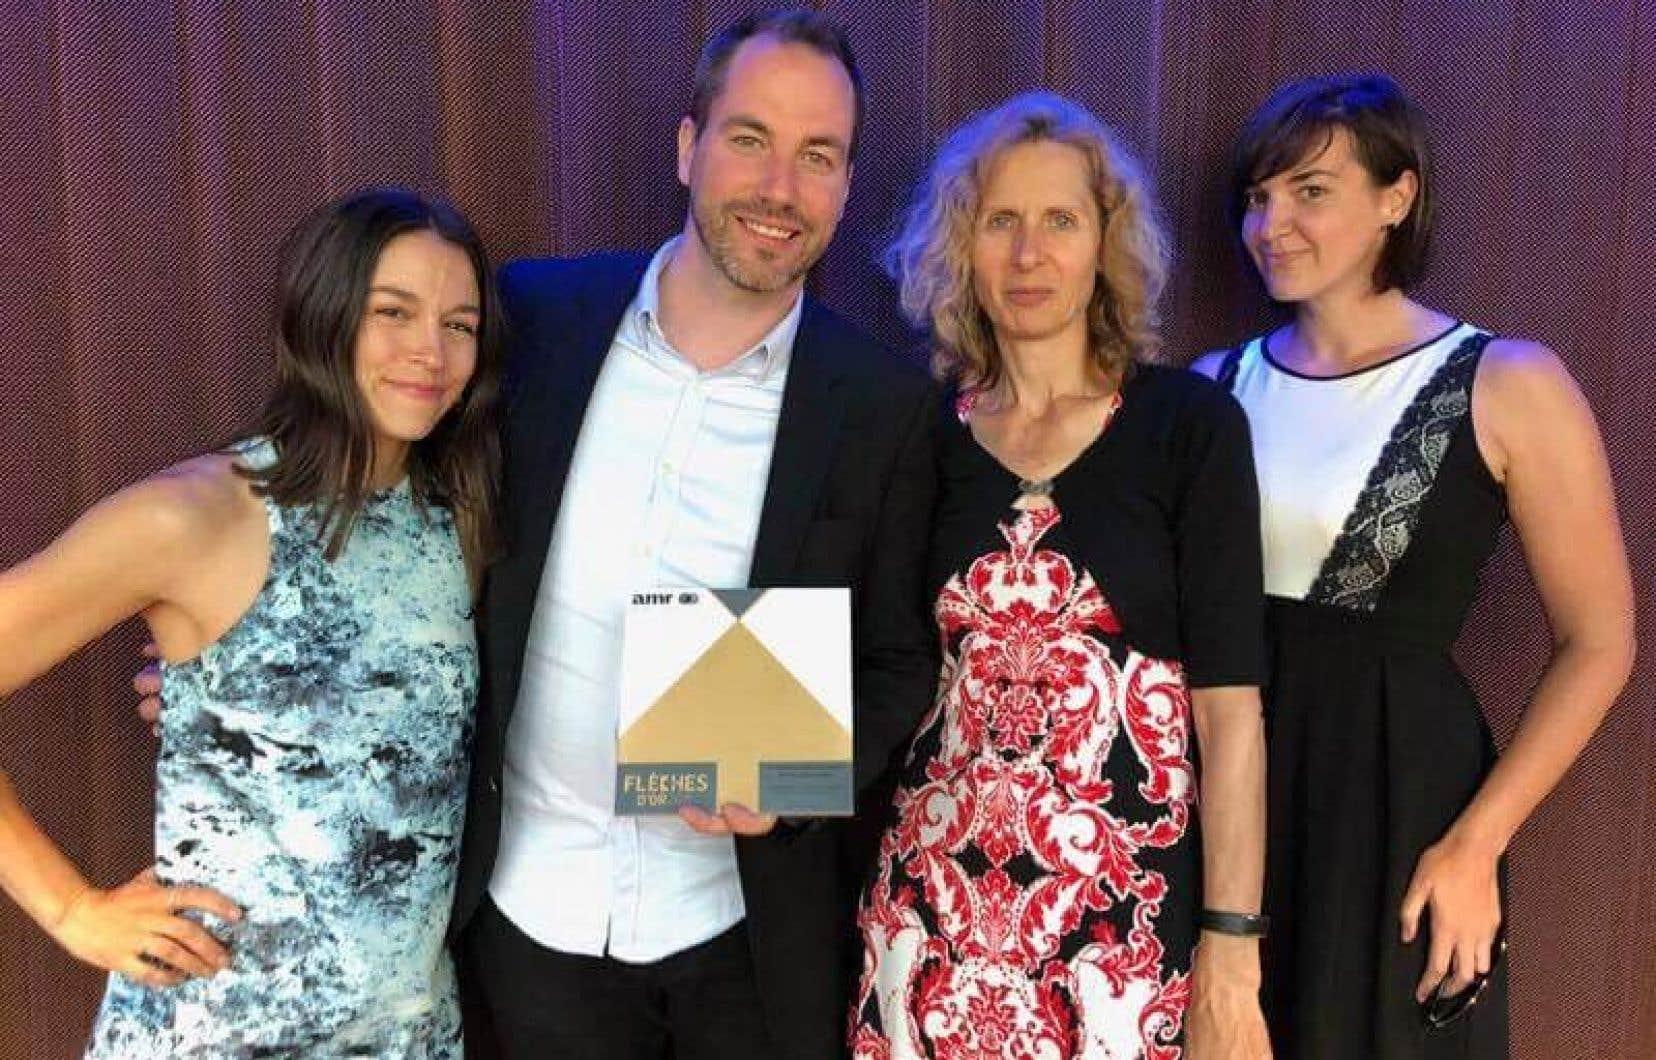 Le prix a été reçu parElisa-Maude Tremblay, Karl-Frédéric Anctil, Christianne Benjamin et Catherine Gentilcore.